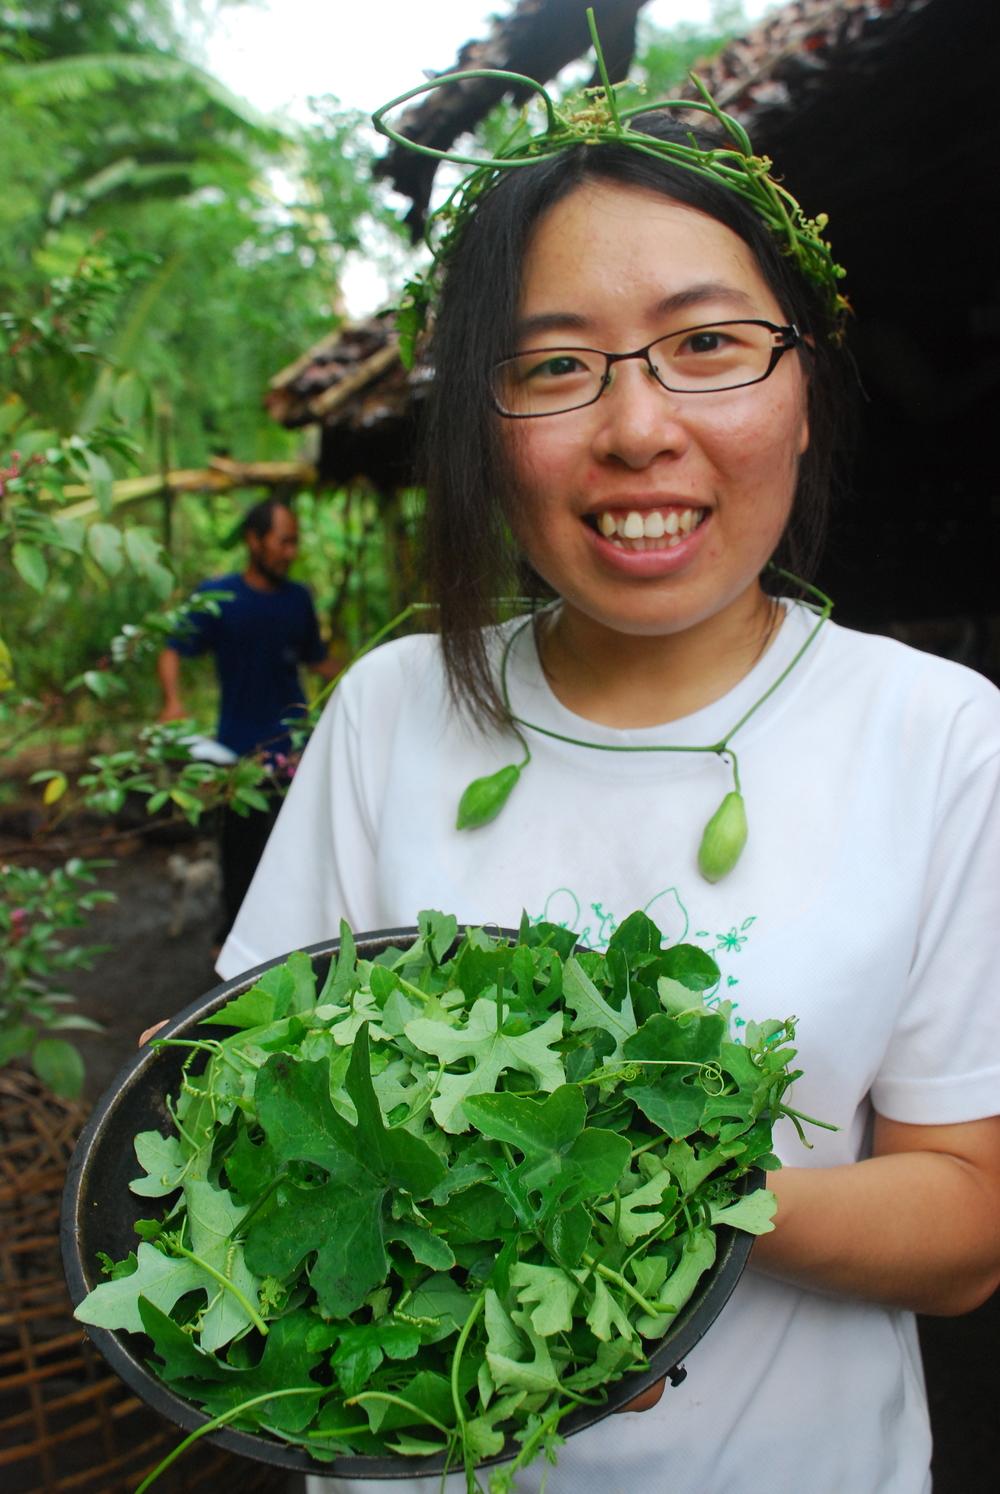 農場中隨處採集的野菜,翠綠新鮮,可以安心食用。